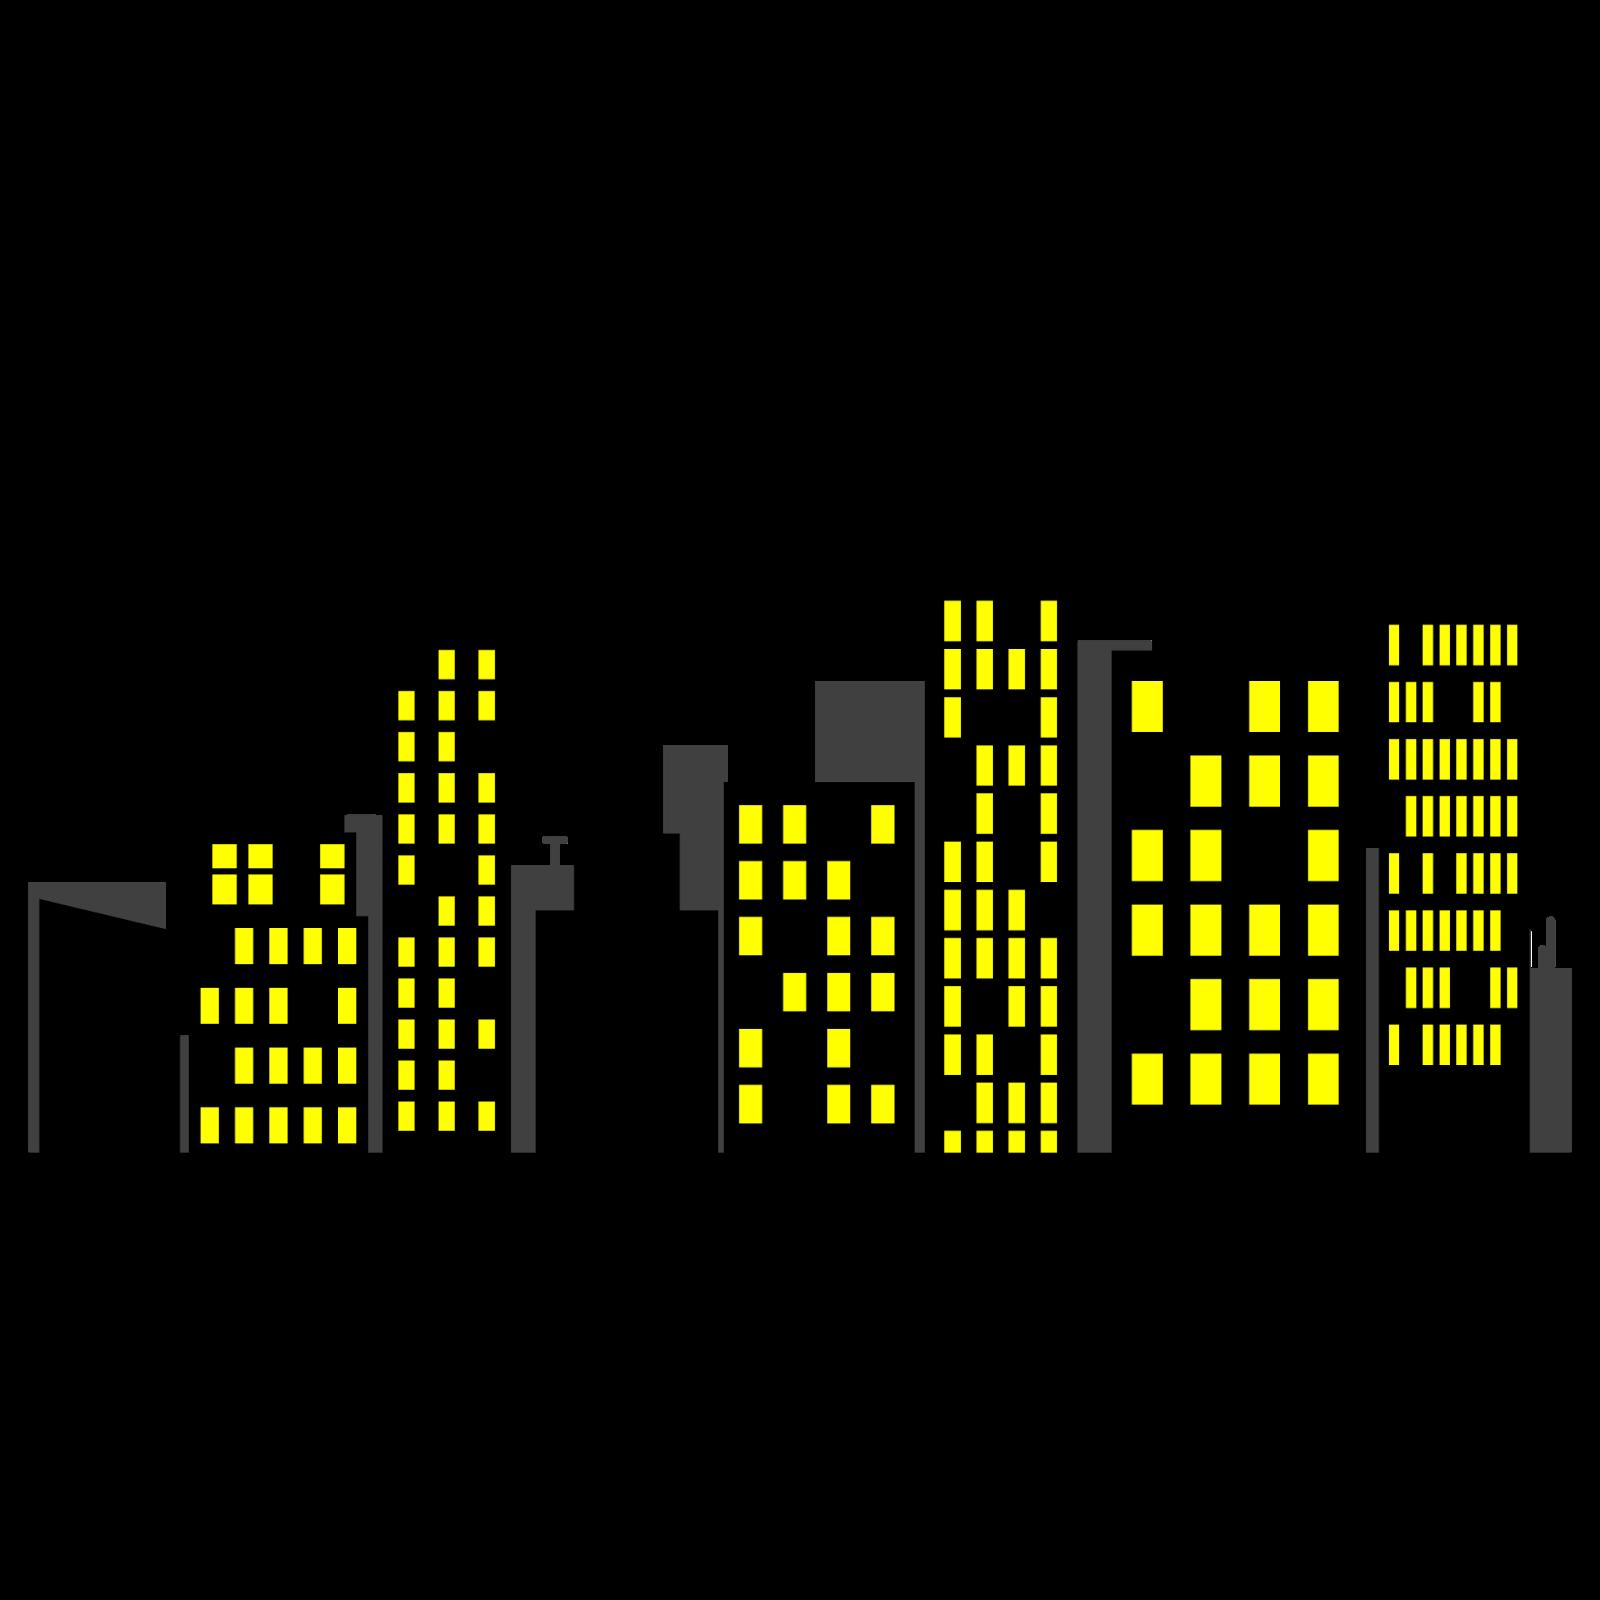 skyline clipart city backdrop